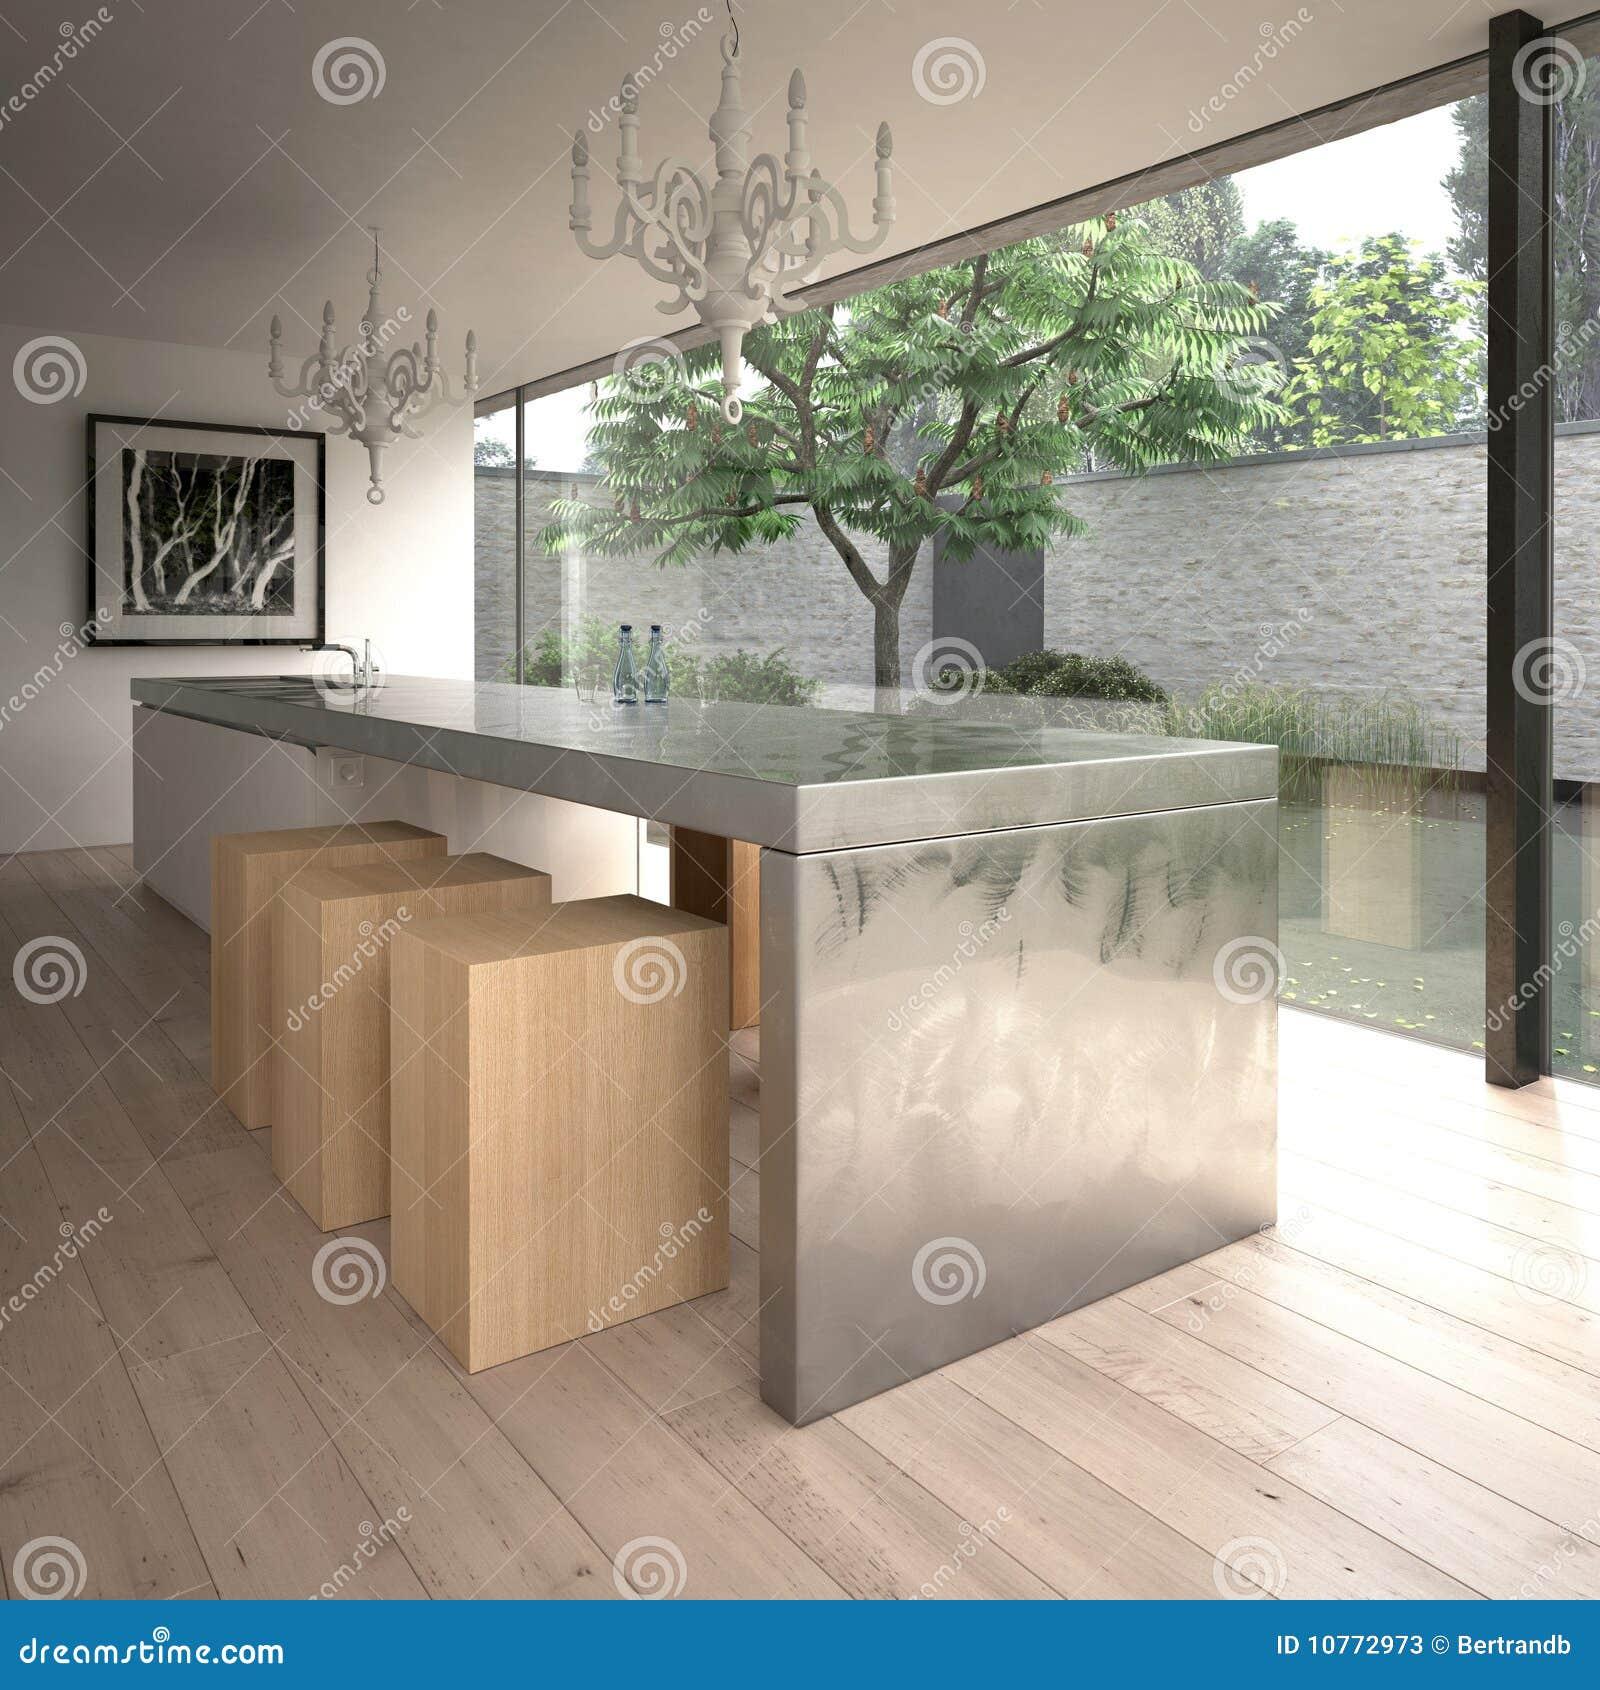 Isola di cucina d 39 acciaio moderna illustrazione di stock - Coprilavello cucina acciaio ...